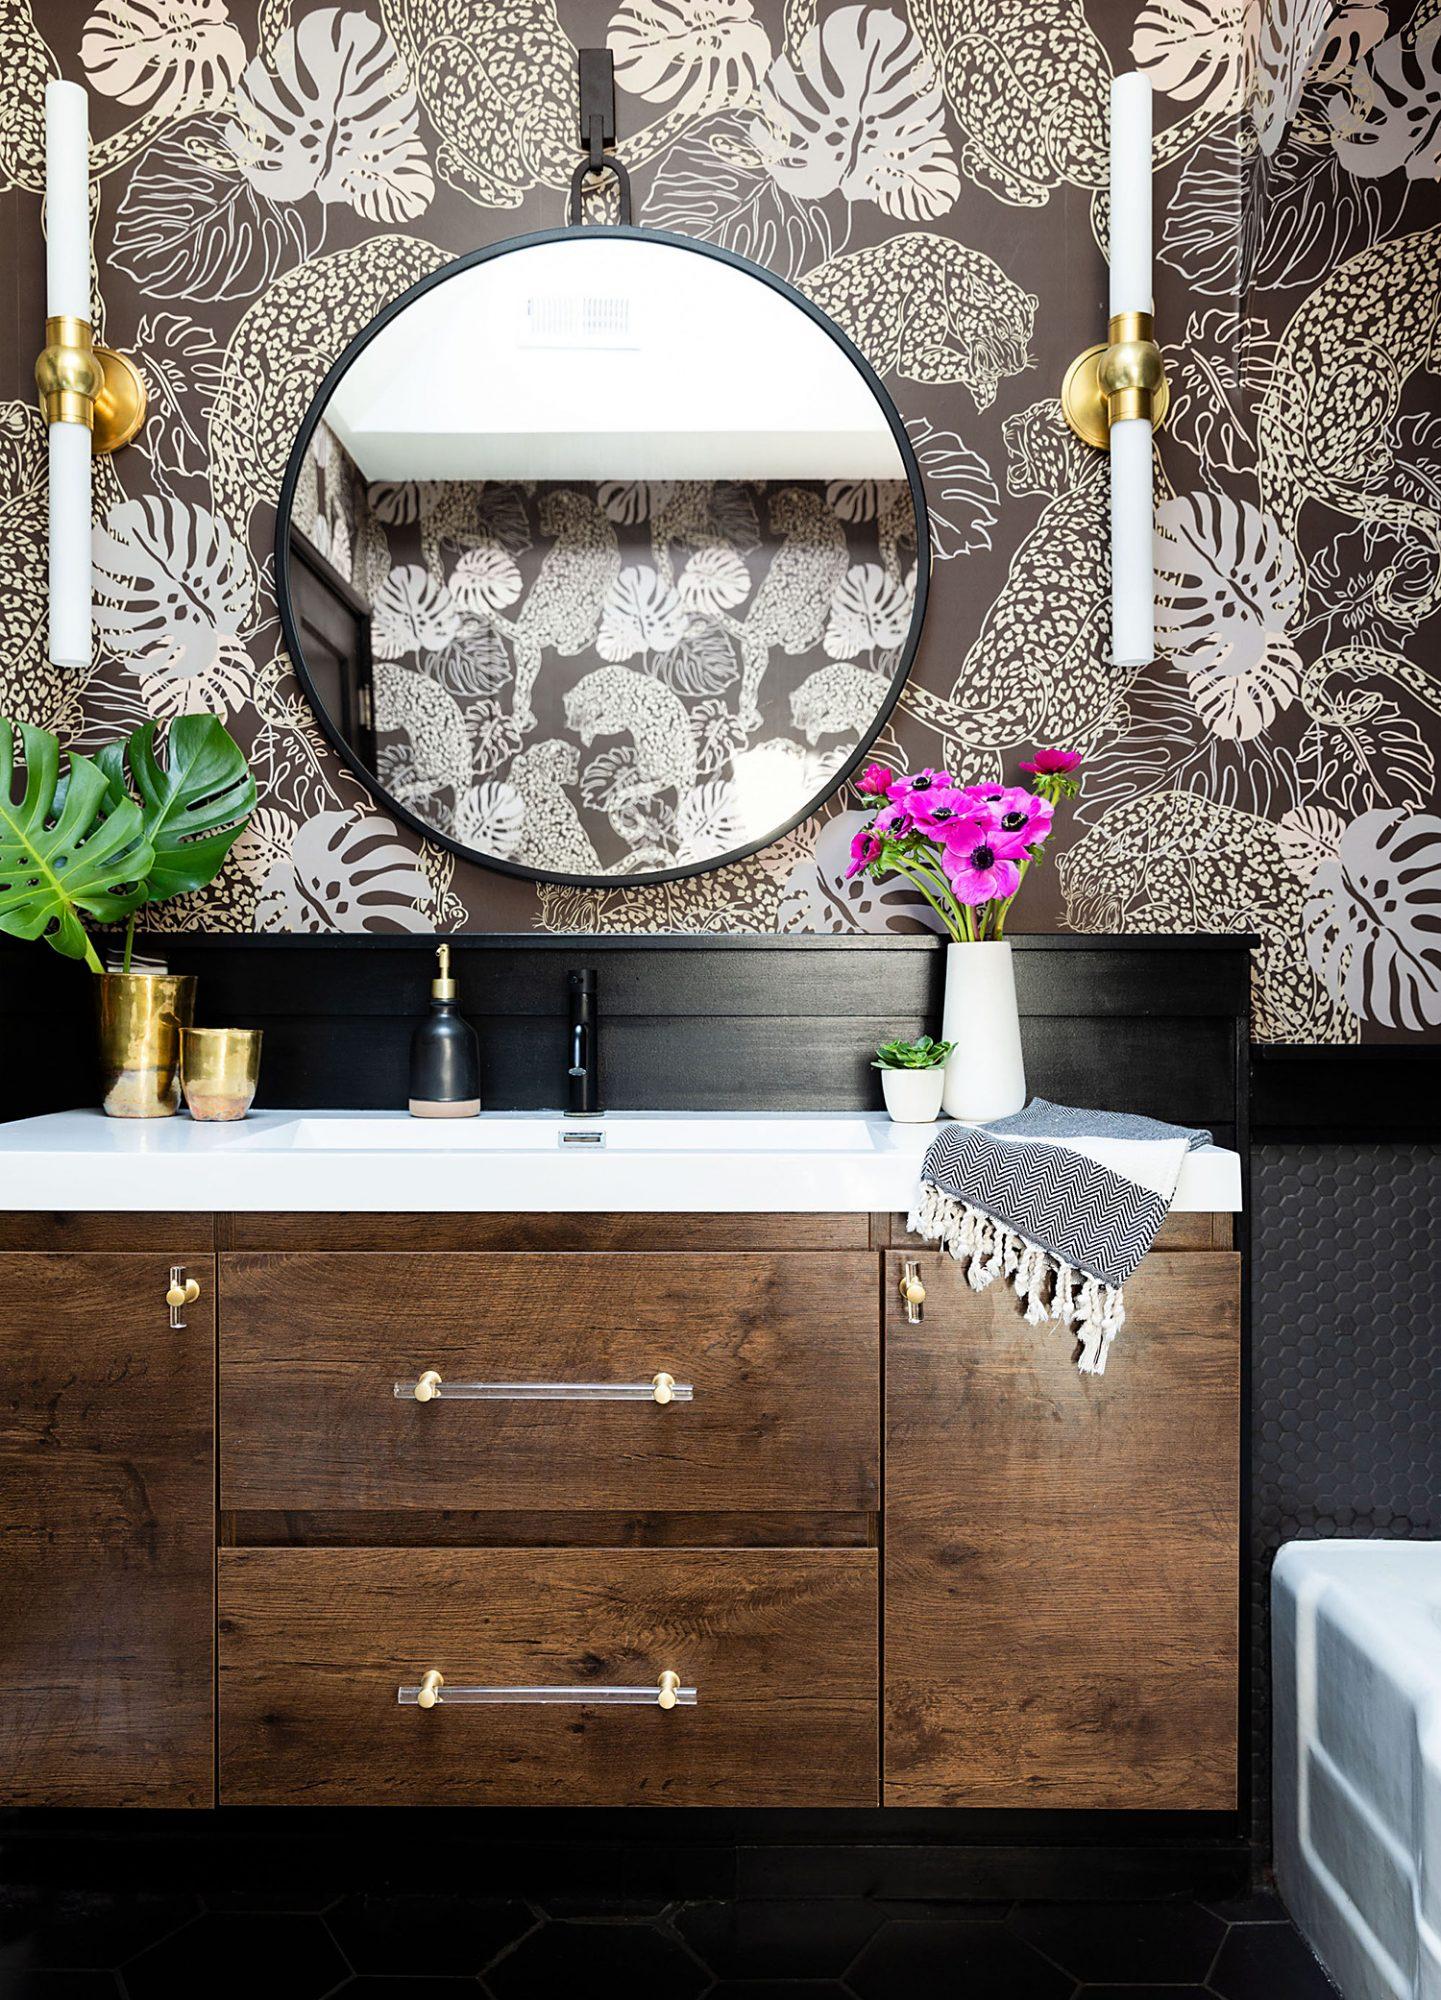 bathroom with circular mirror